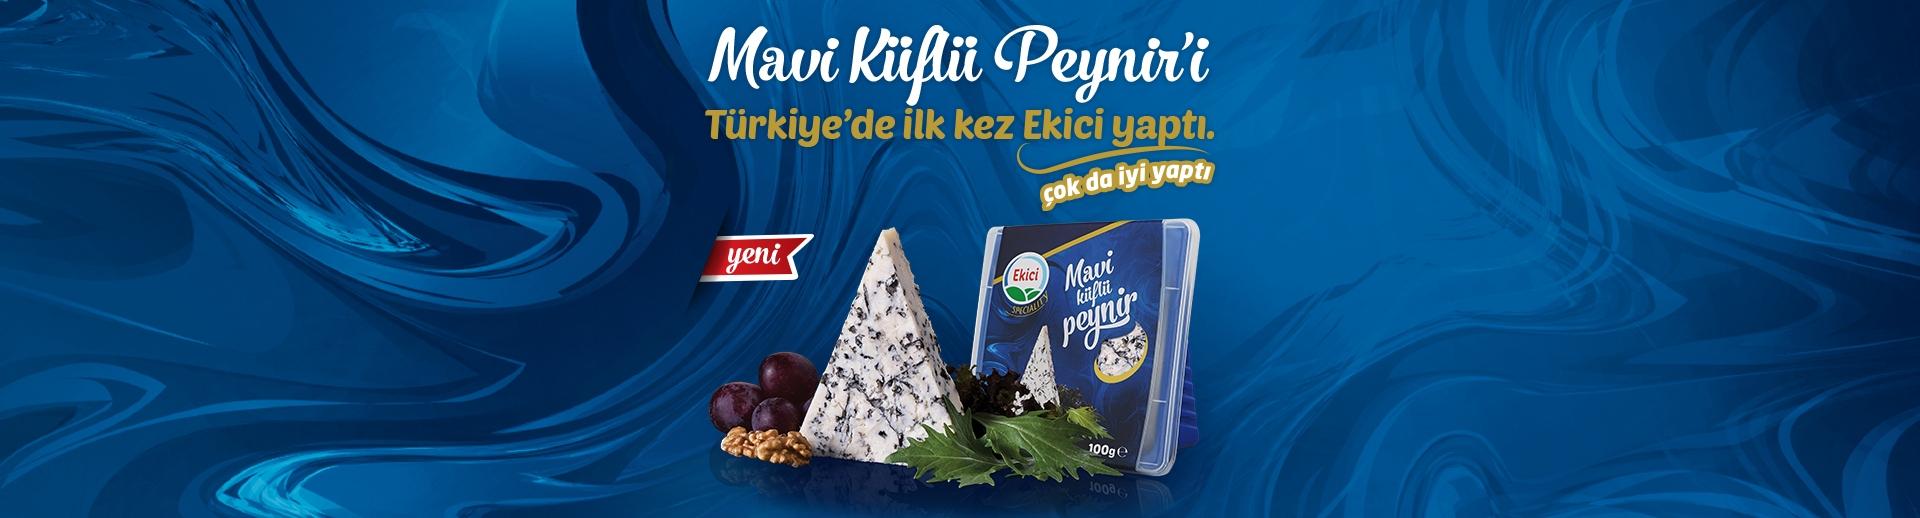 Türkiye'de İlk kez Mavi Küflü Peynir'i Ekici Yaptı. Çok da İyi Yaptı!